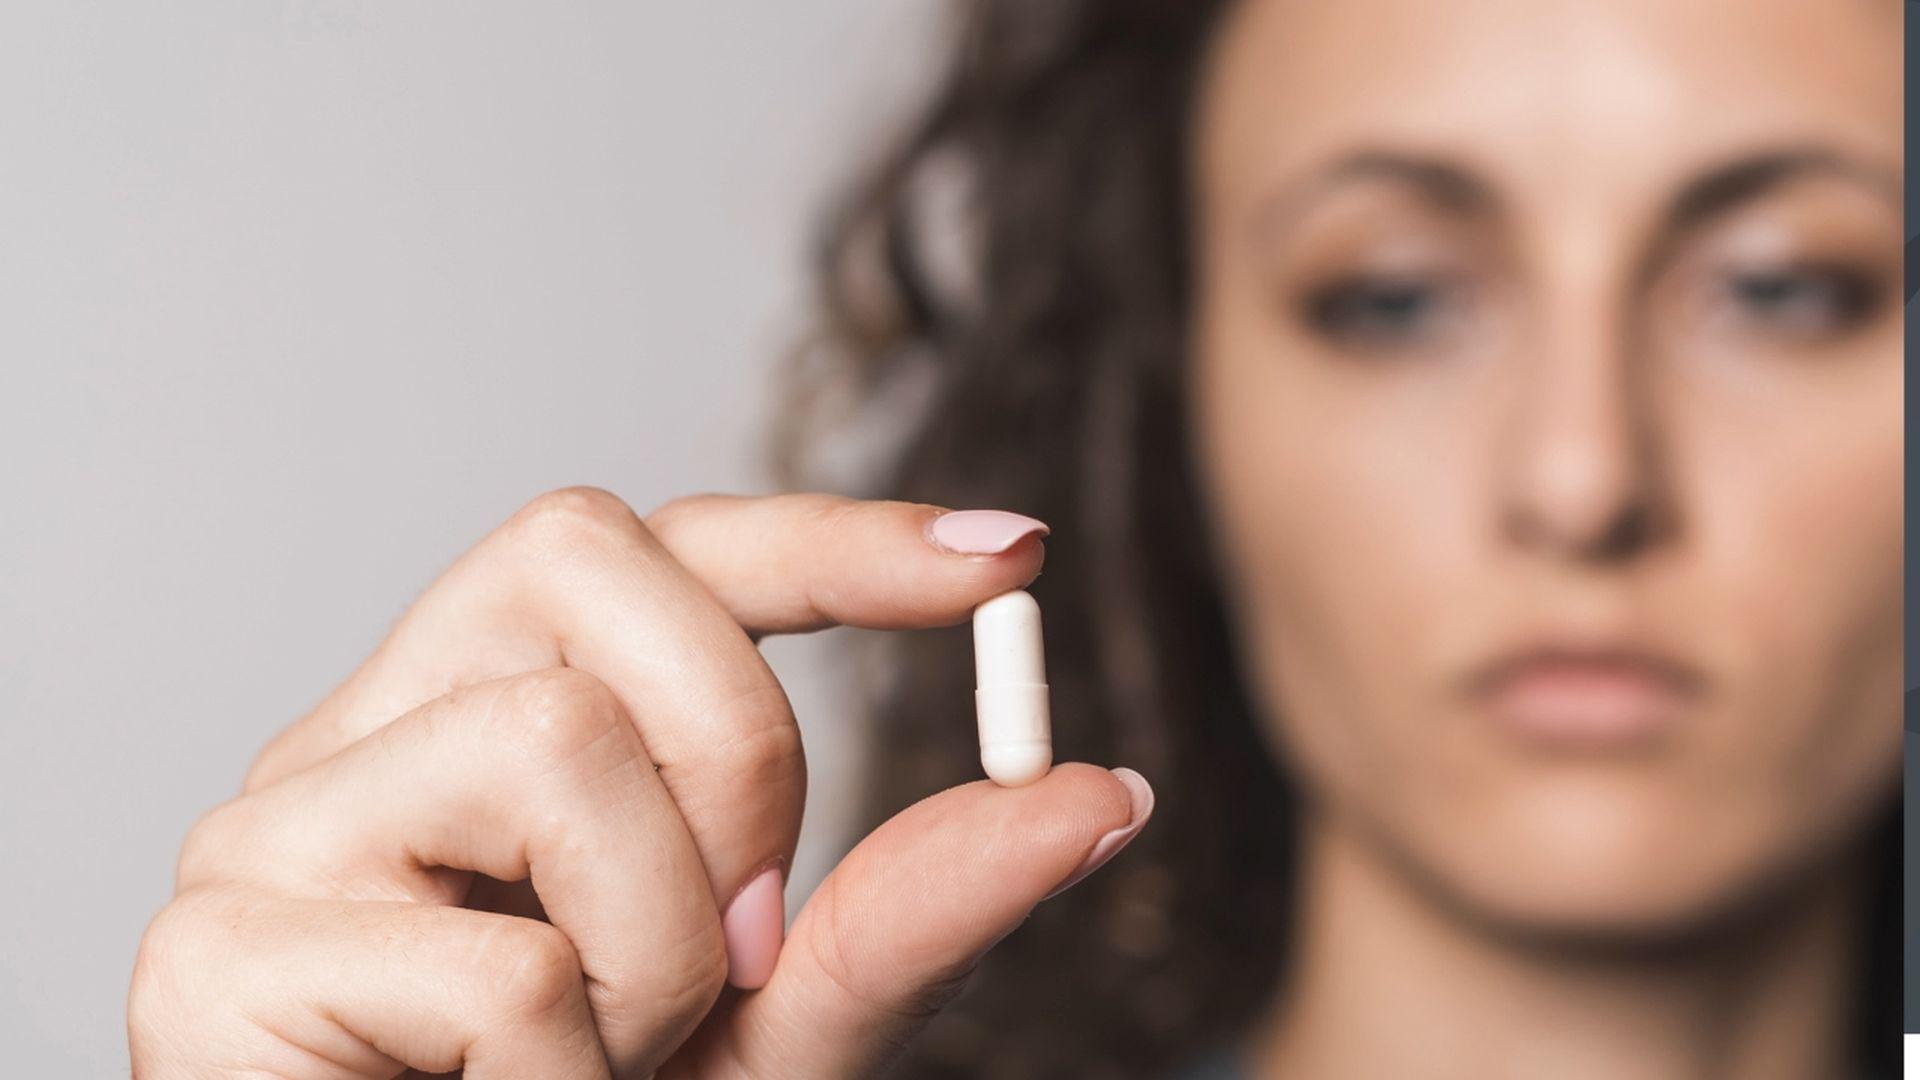 La importancia de leer el prospecto de los medicamentos